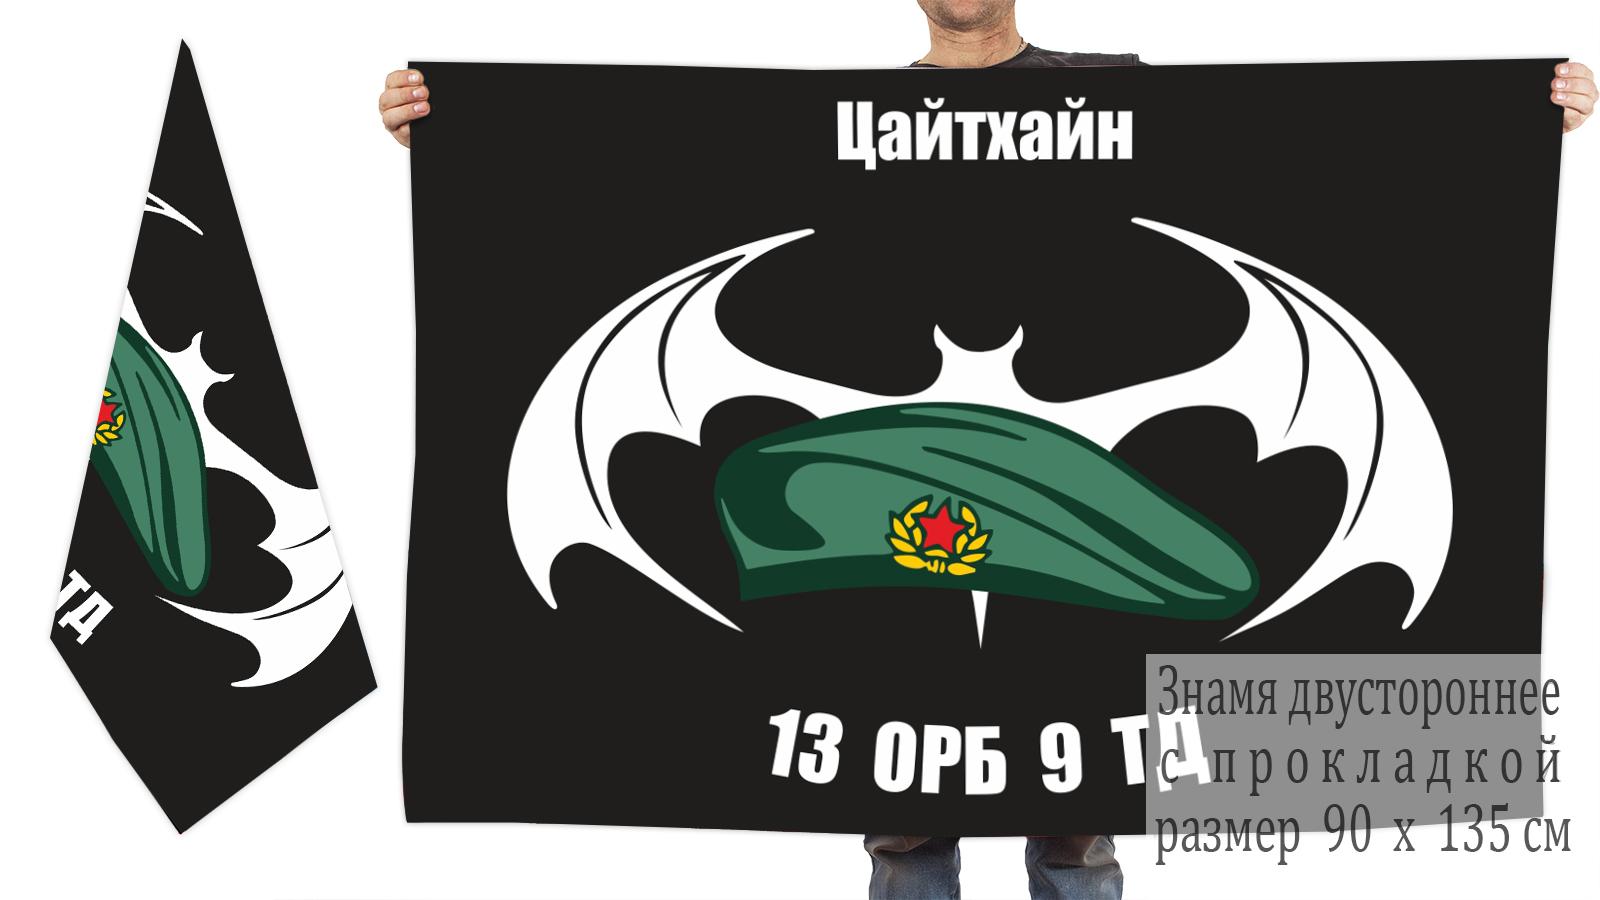 Двусторонний флаг 13 ОРБ 9 ТД